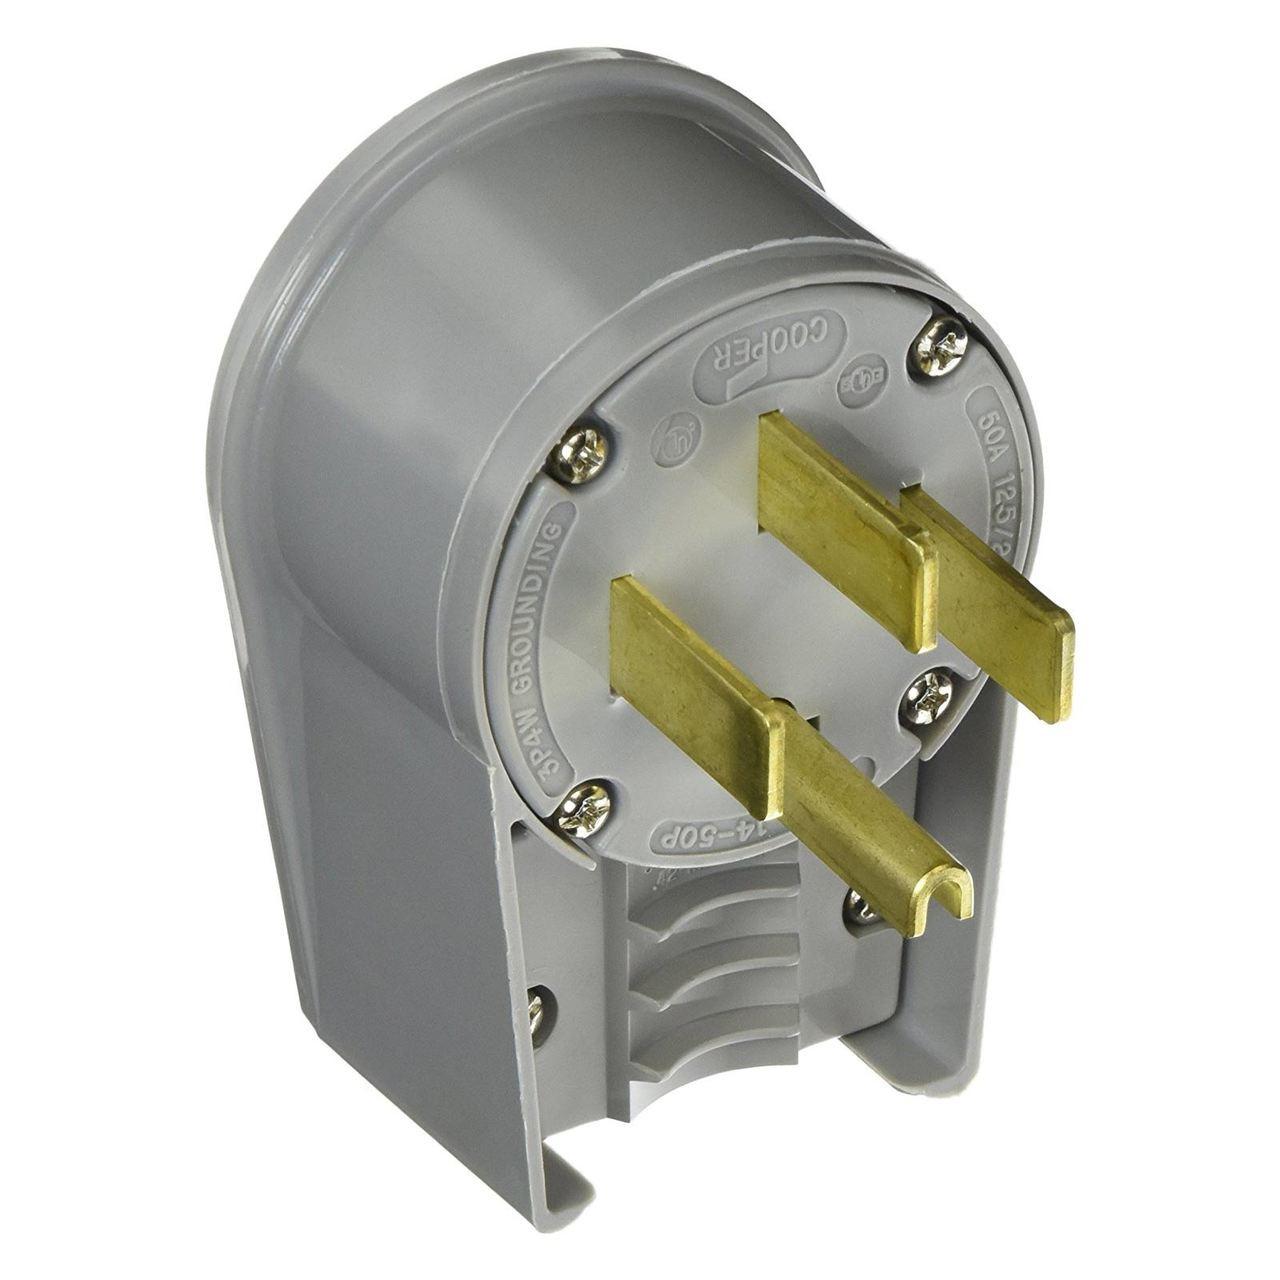 Generac Plug 14-50 Straight Blade 50A 120/240V - TremTech Electrical ...